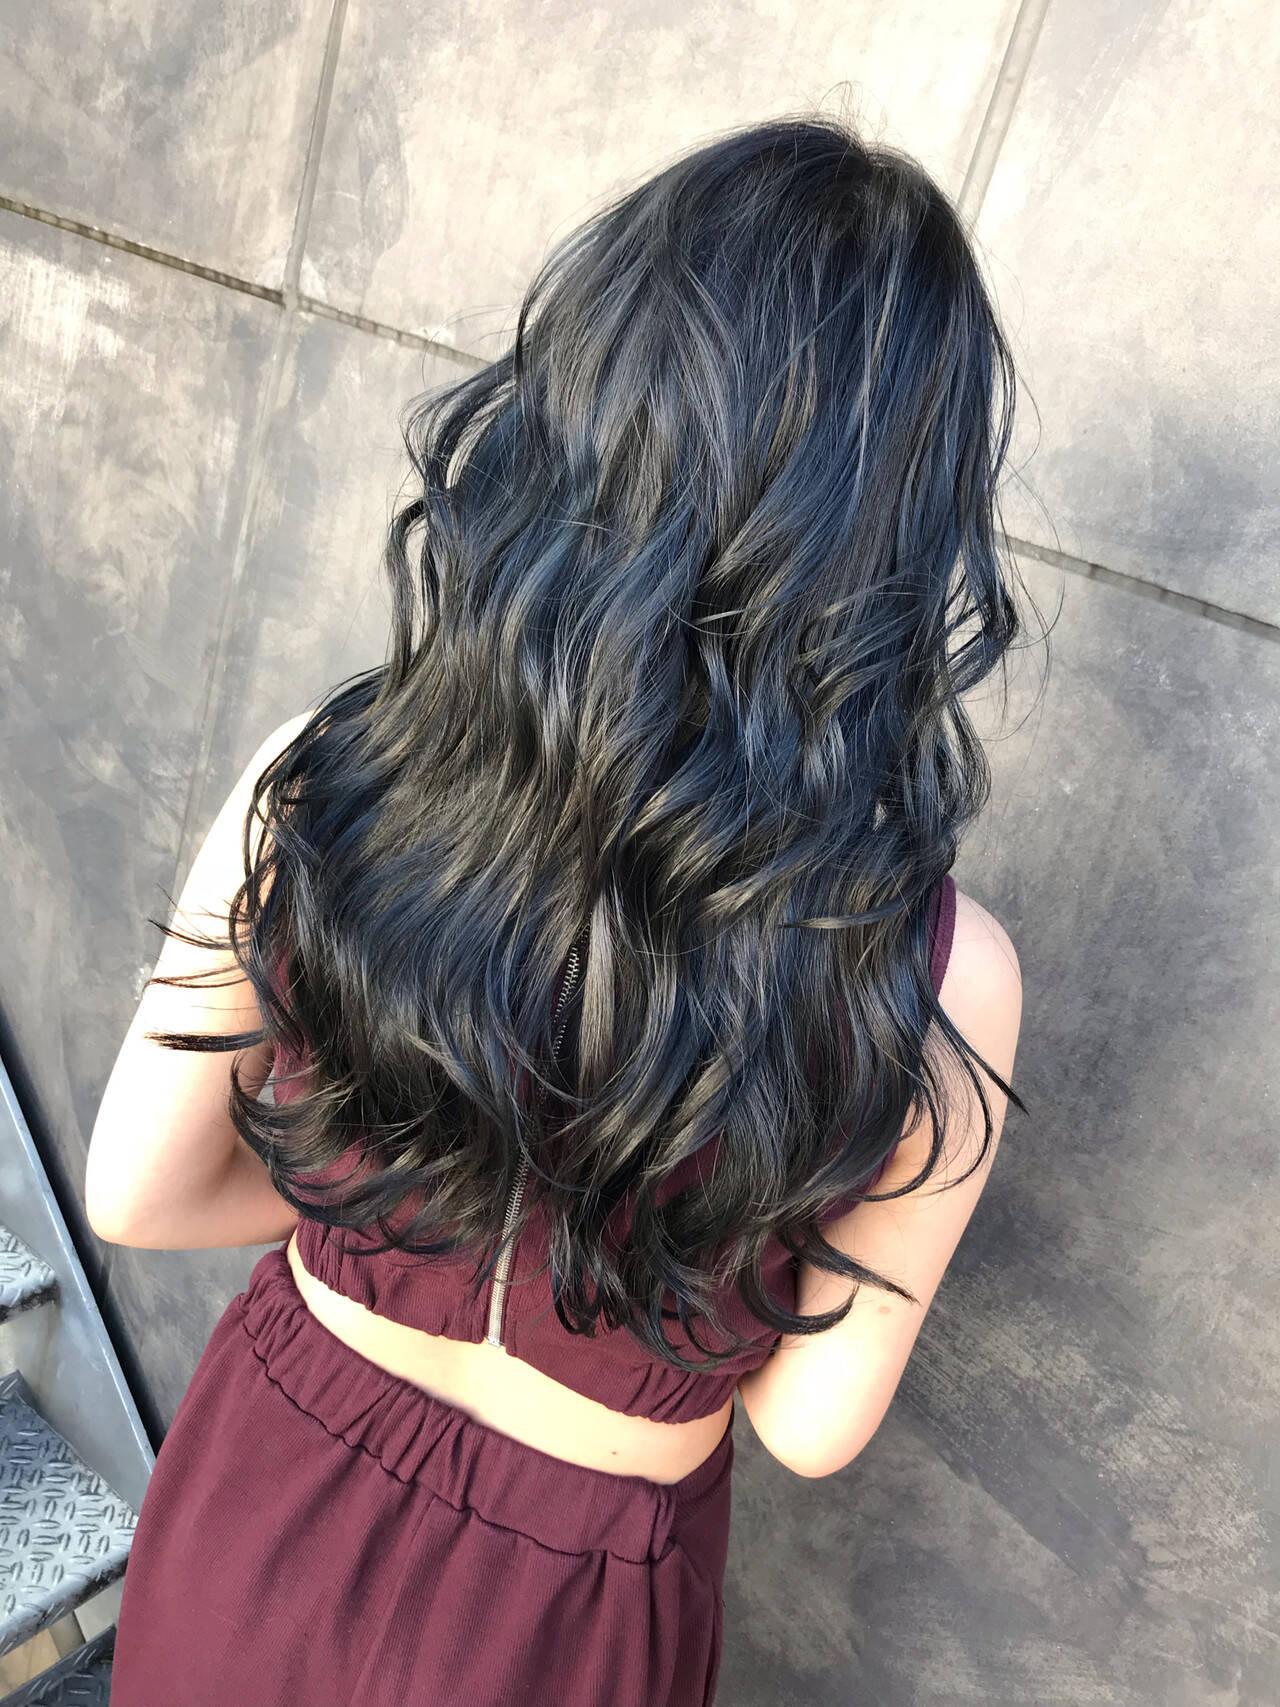 ネイビー コリアンネイビー ネイビーブルー ネイビーアッシュヘアスタイルや髪型の写真・画像